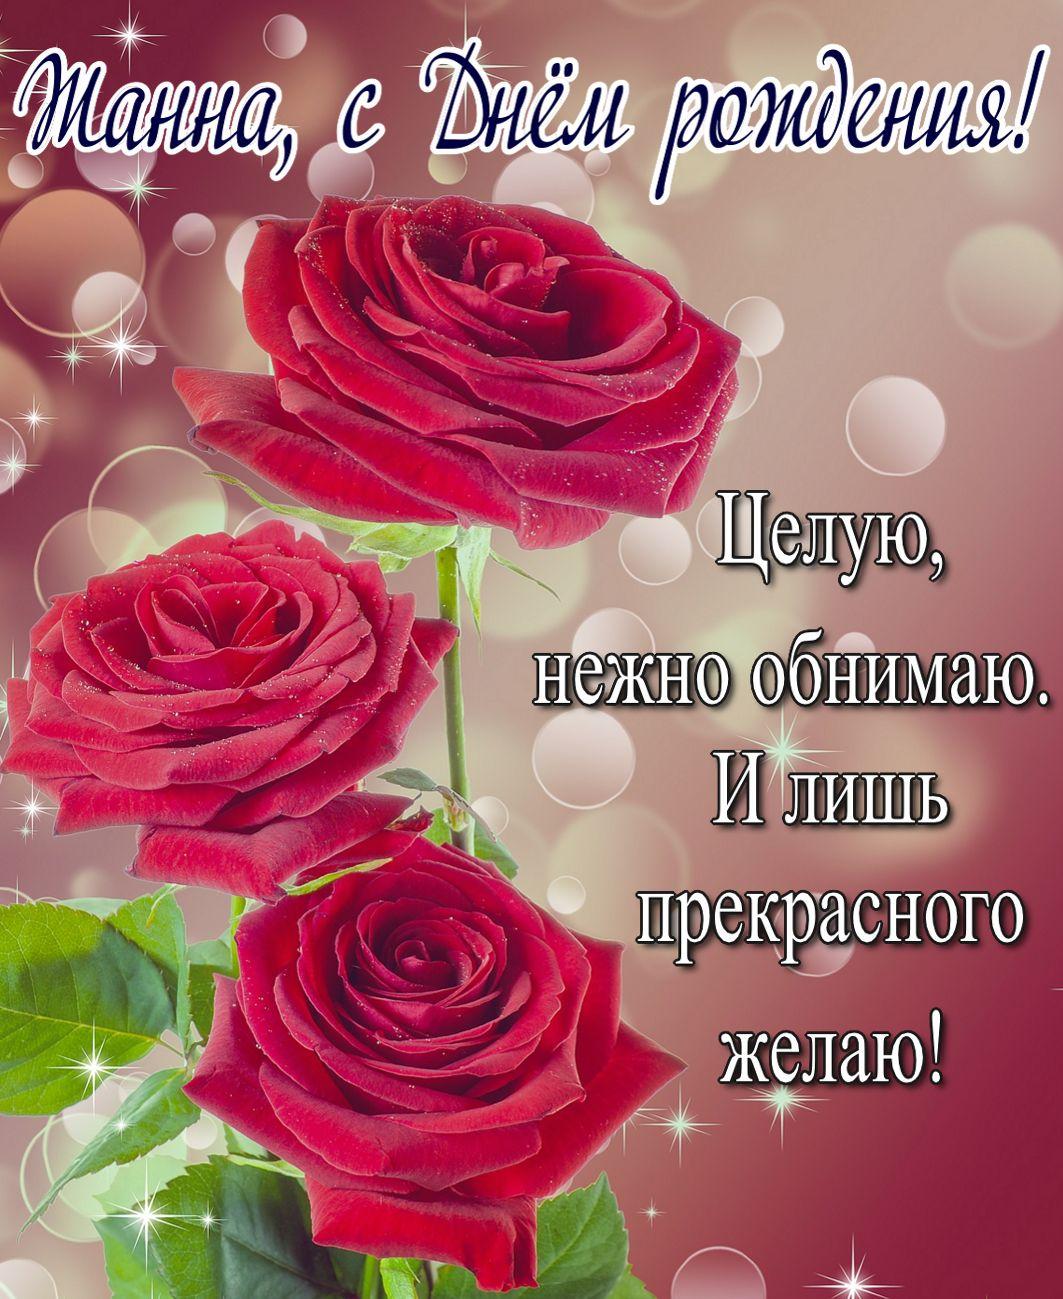 Поздравления с днем рождения жанну в стихах красивые